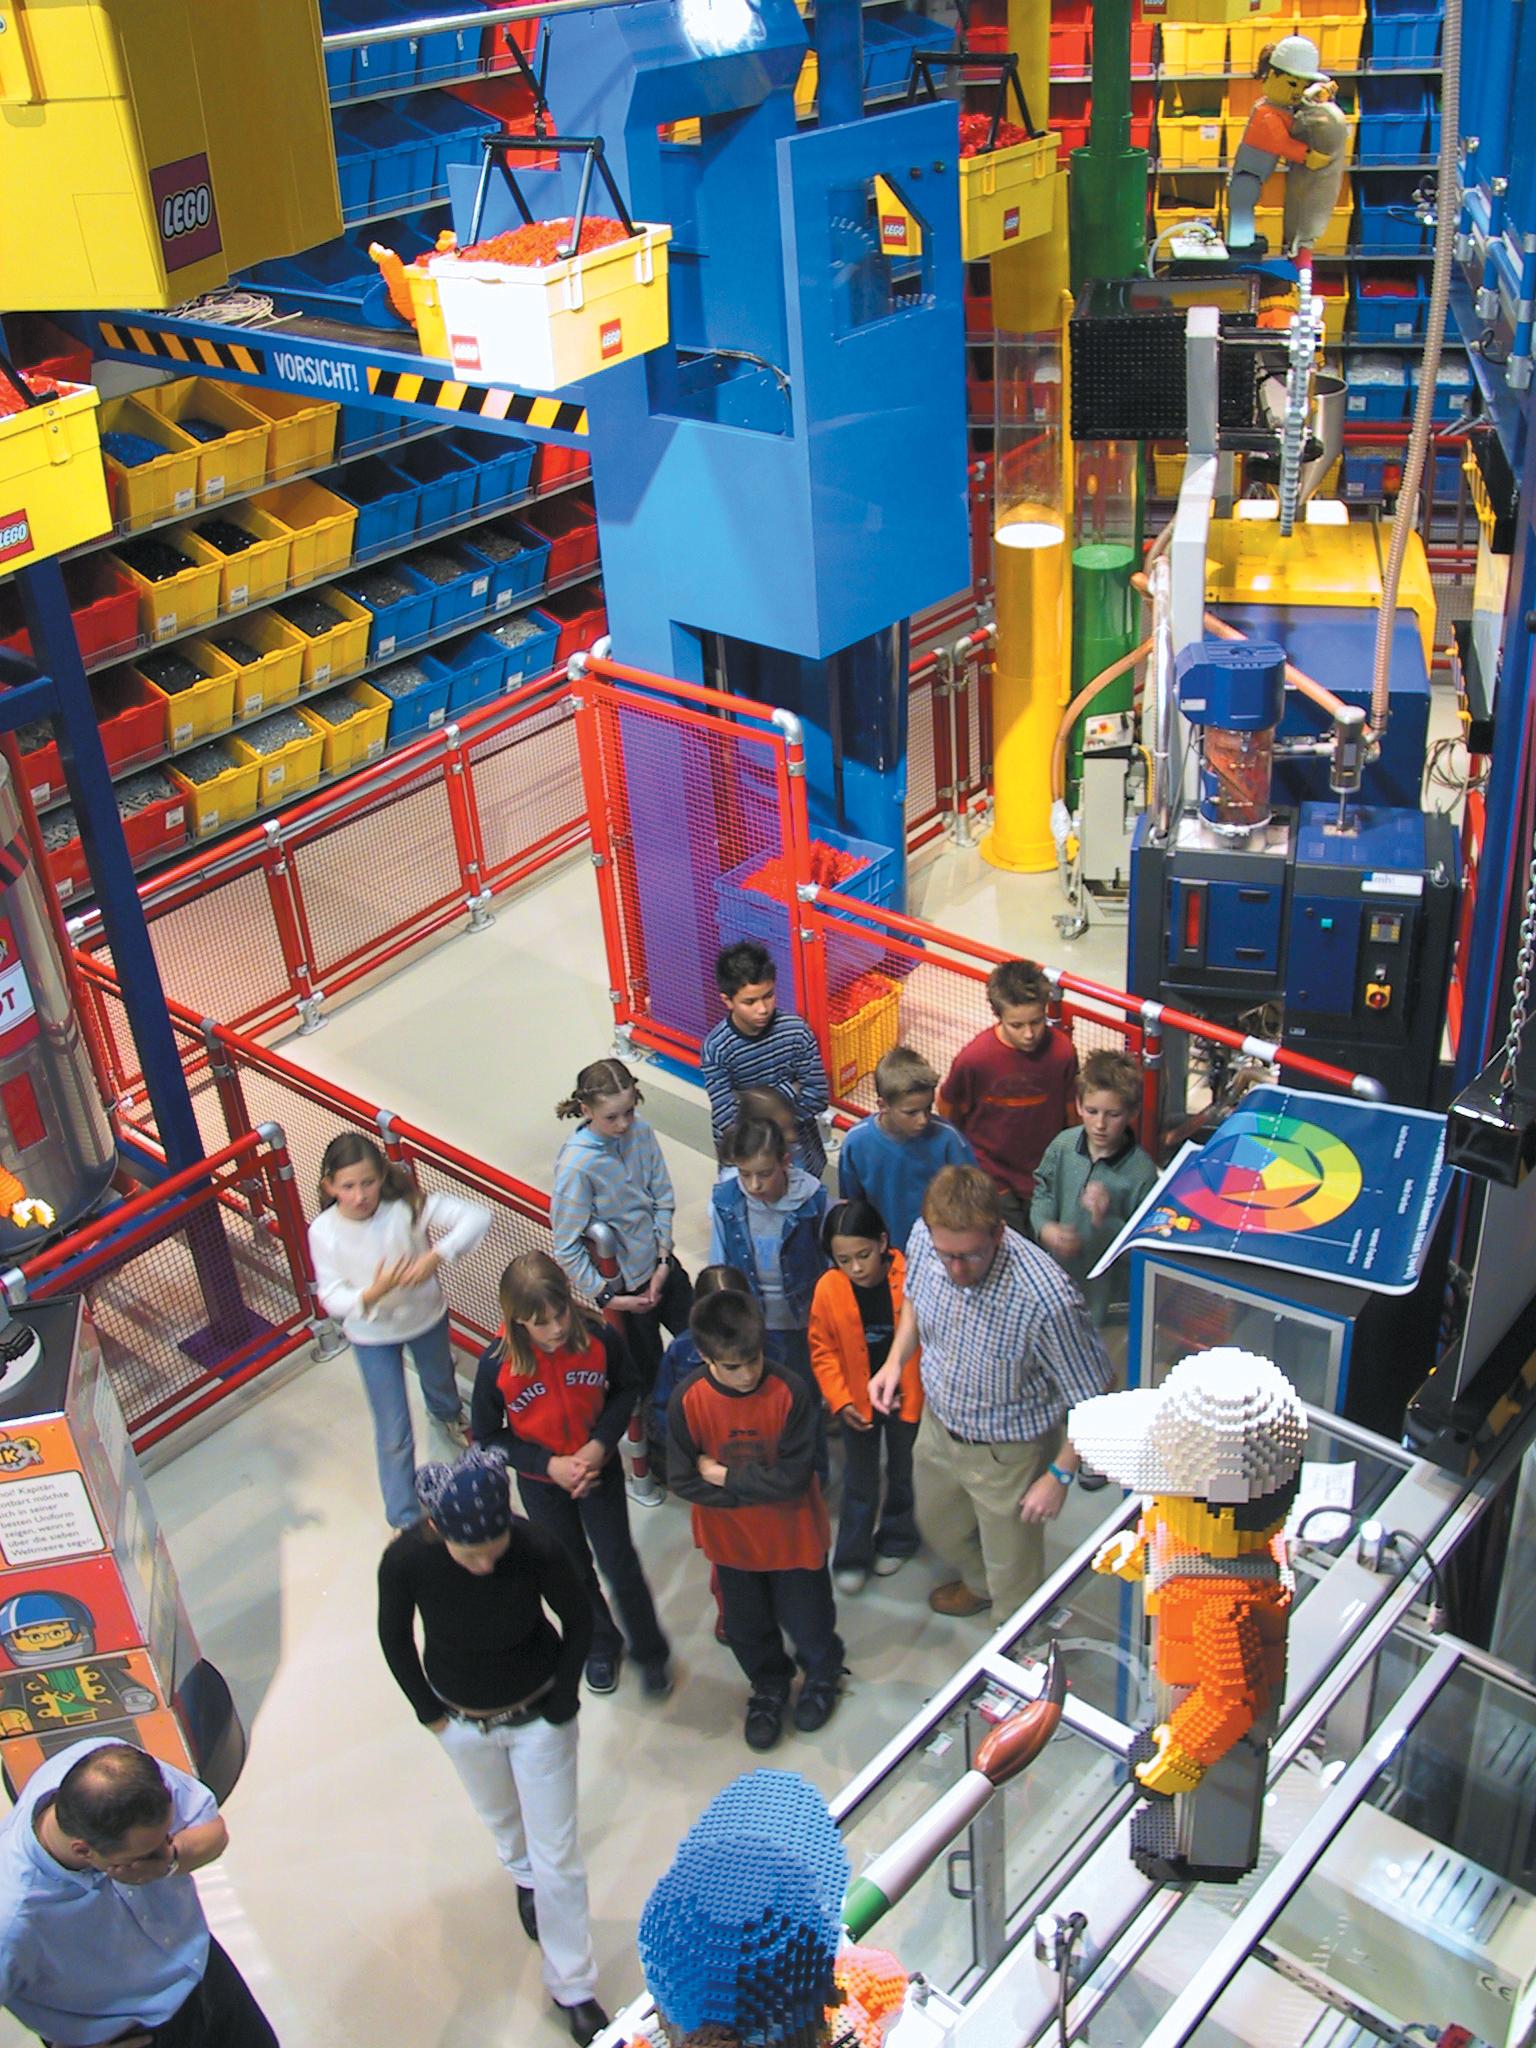 innenansicht-der-lego-fabrik-im-legoland-deutschland-2